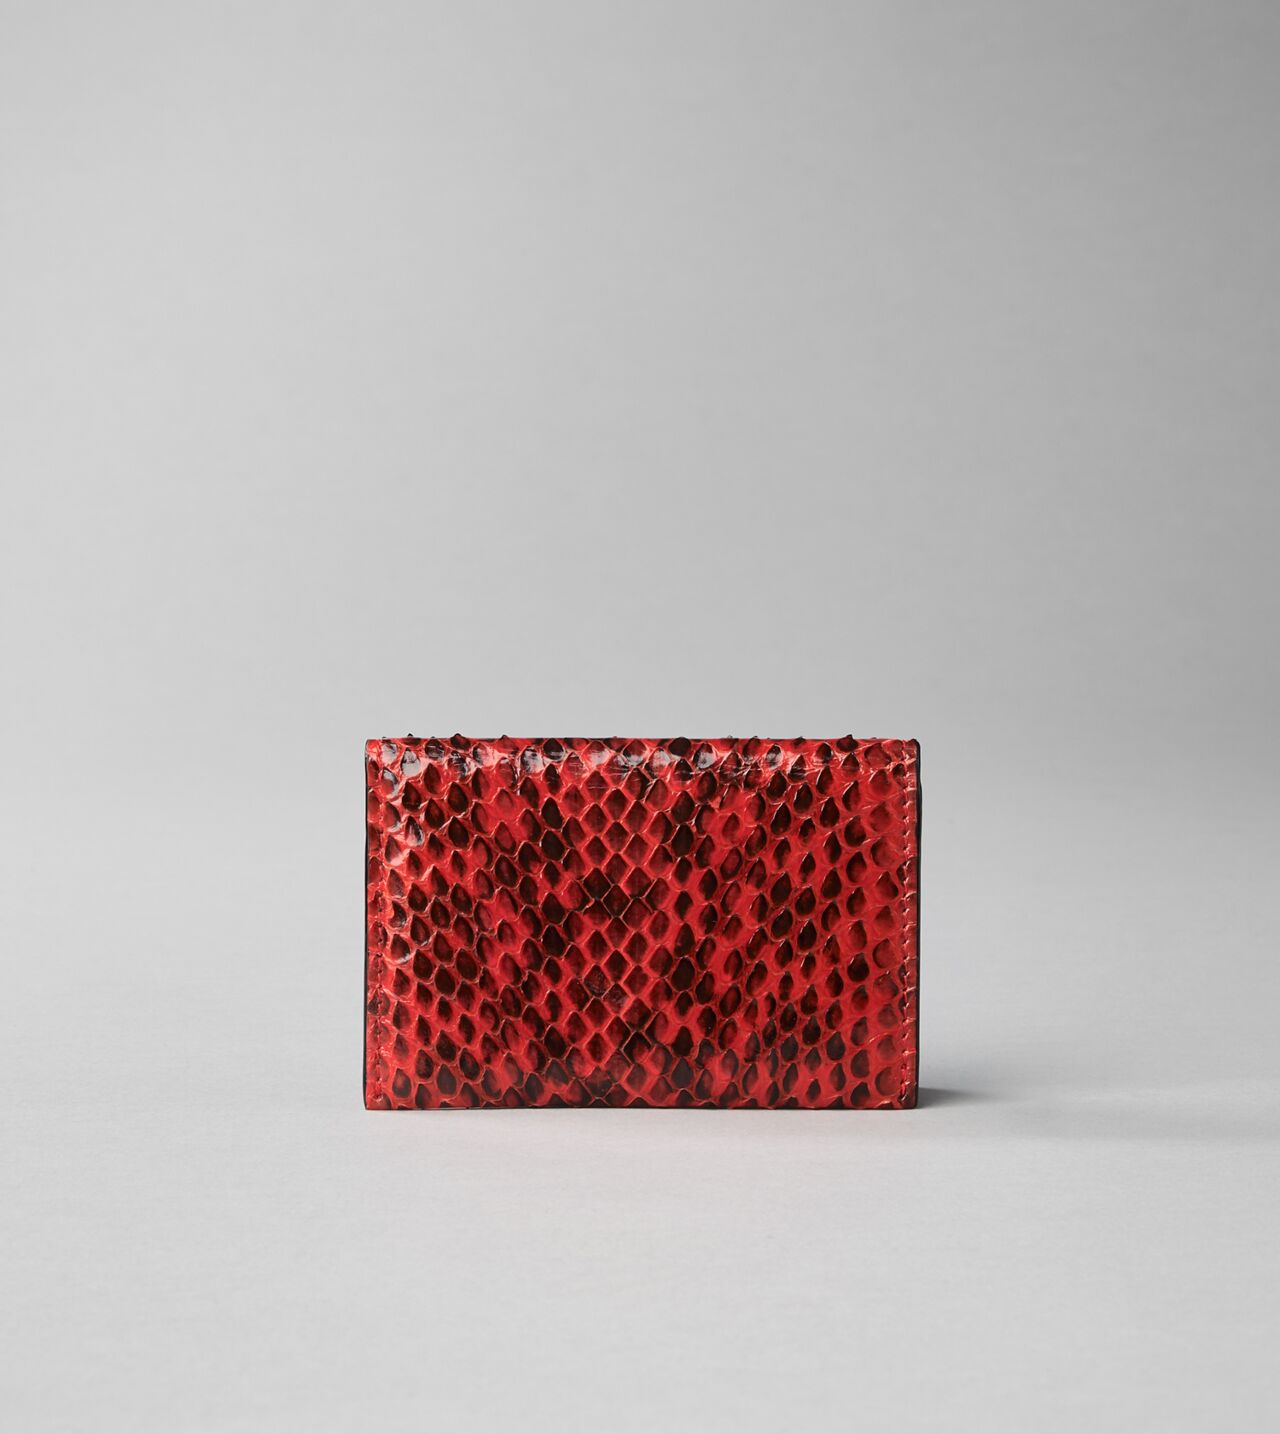 Picture of Byredo Business card holder in Red elaphe snakeskin